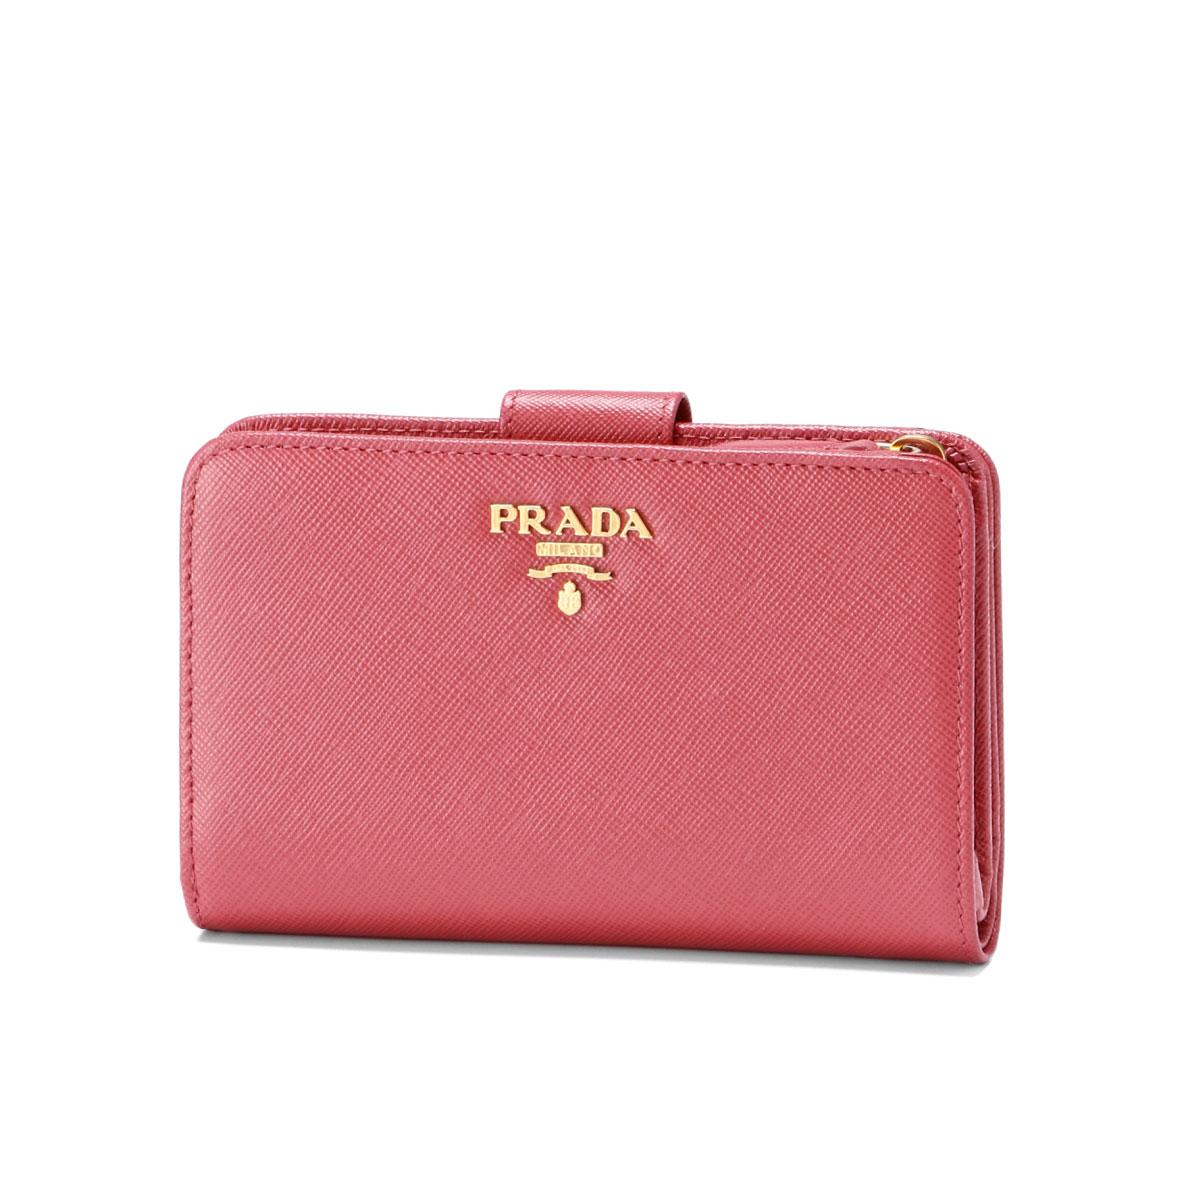 プラダ PRADA 財布 レディース 1ML225 QWA F0505 二つ折り財布 SAFFIANO METAL PEONIA ピンク